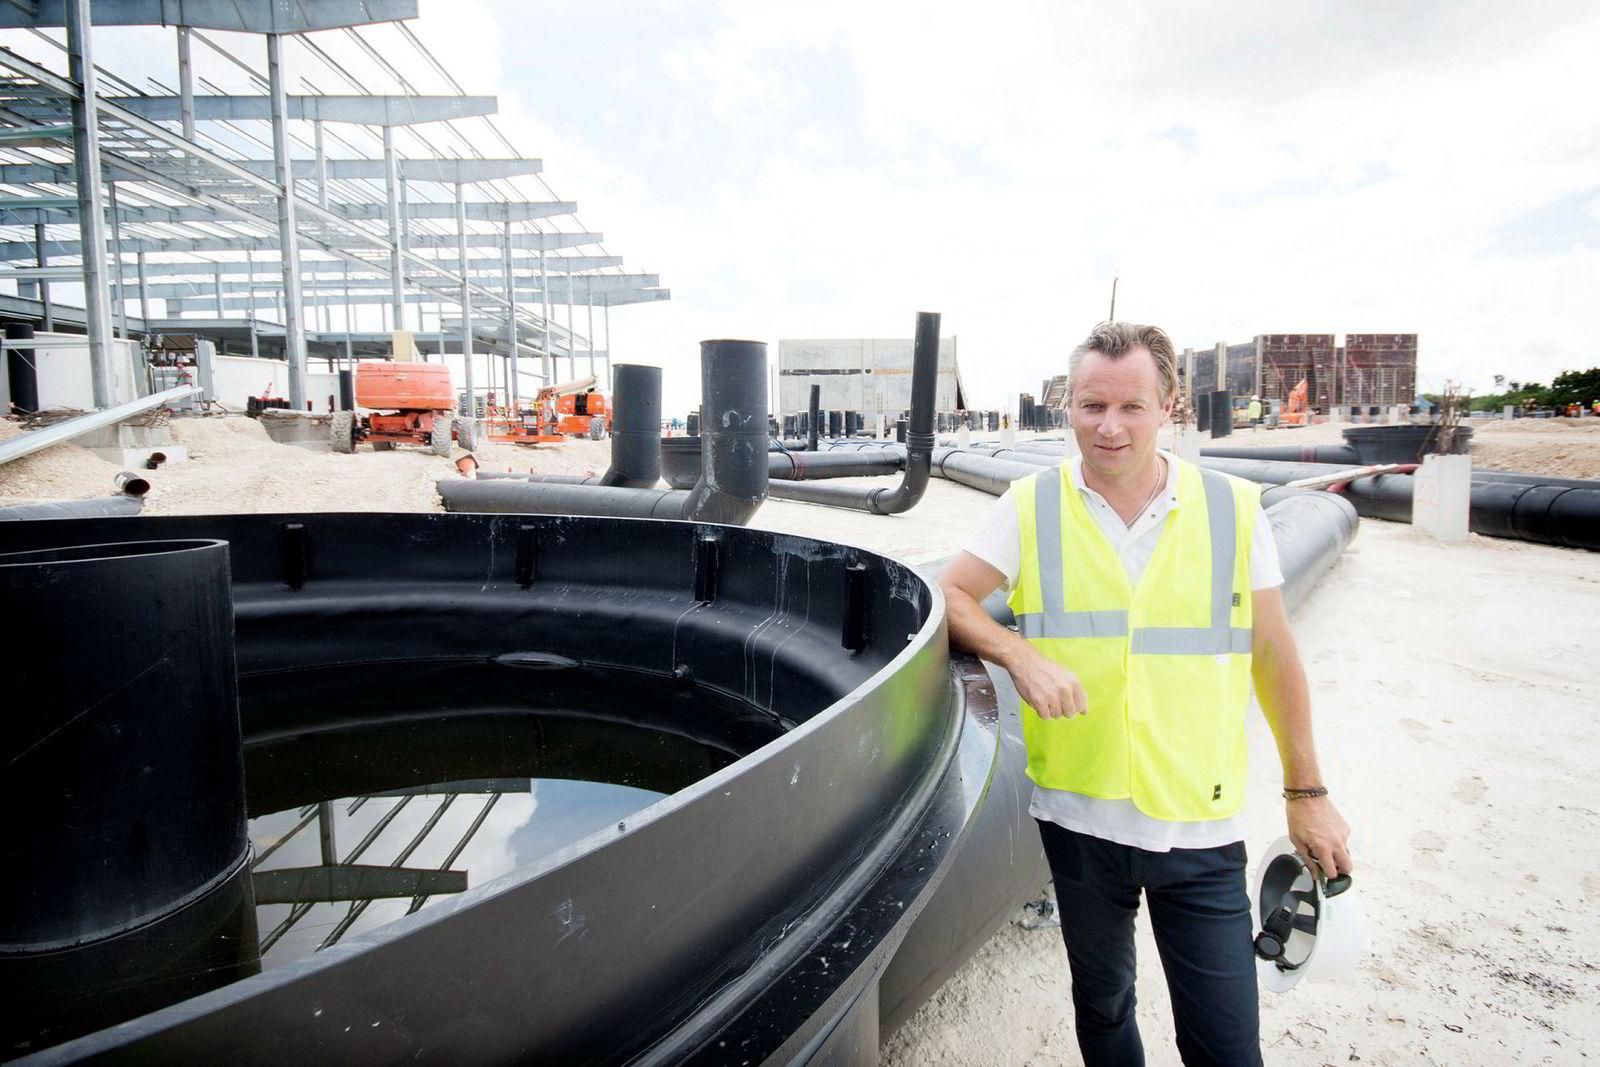 Laksegründer Johan Andreassen i Atlantic Sapphire står ved et av karene i det som blir verdens største laksefabrikk på land. I november settes første lakseyngel ut i anlegget.